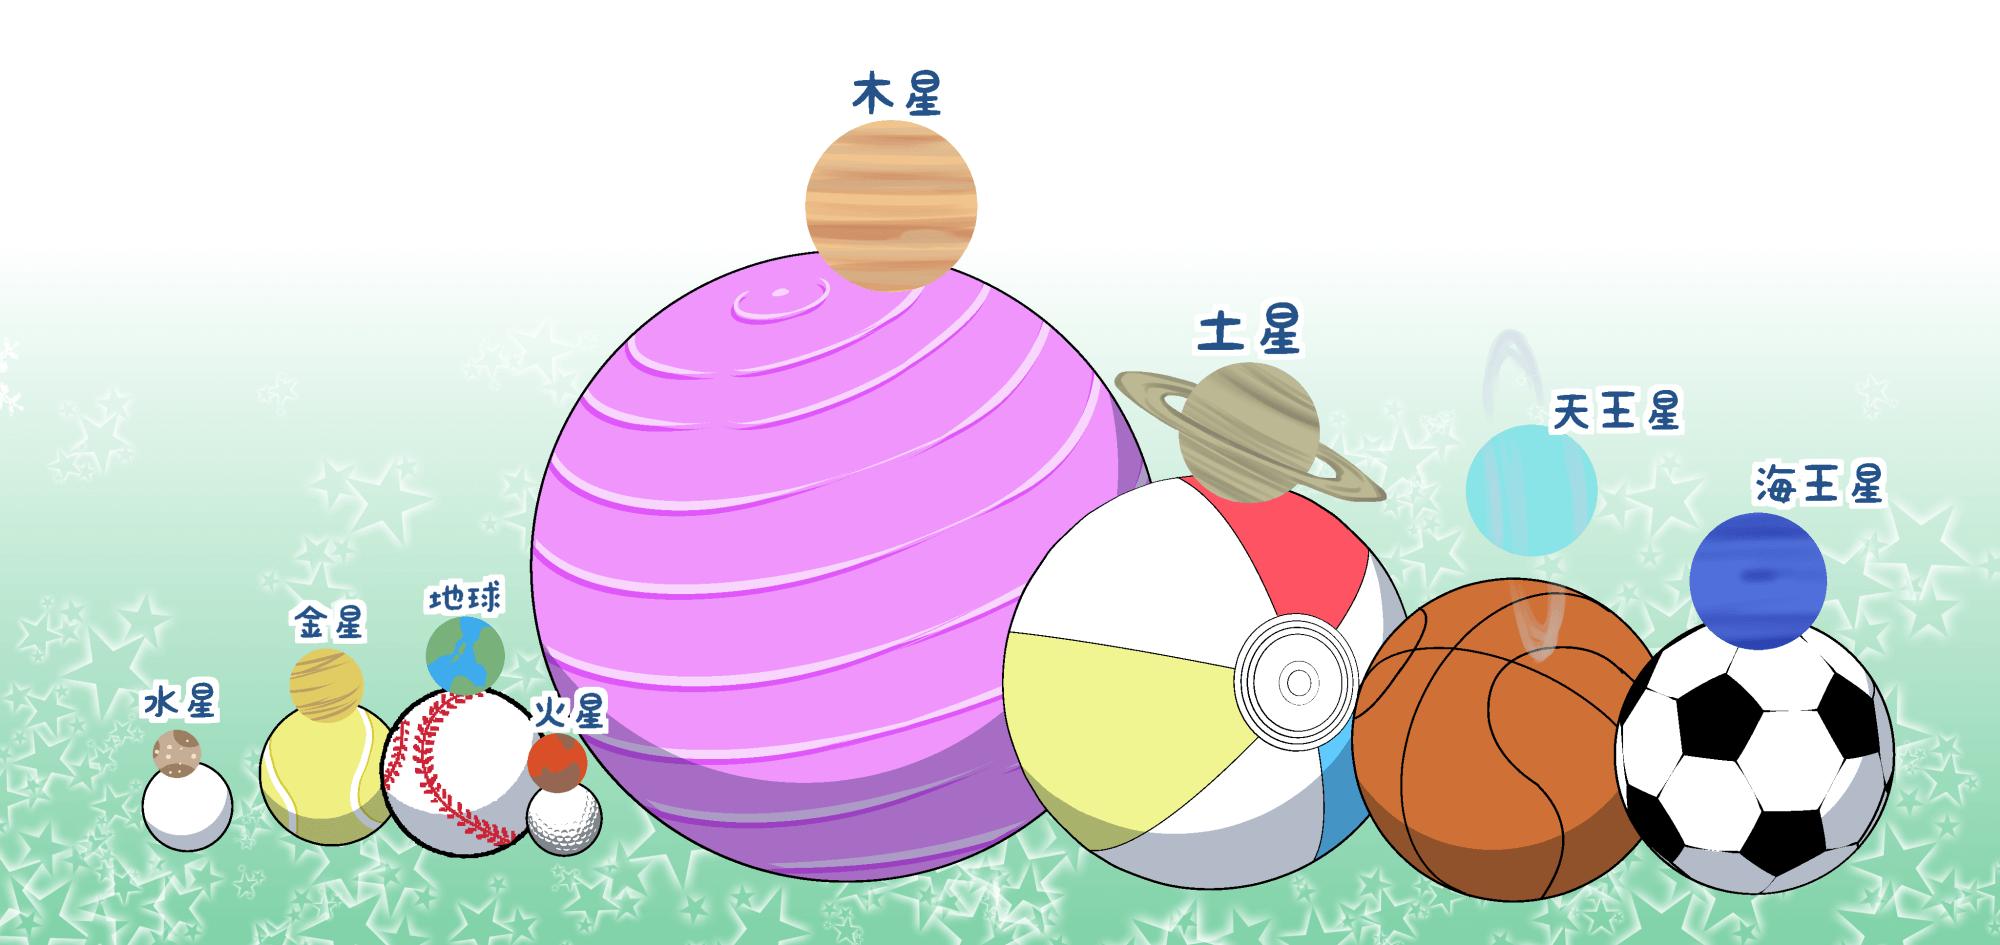 天体の大きさ